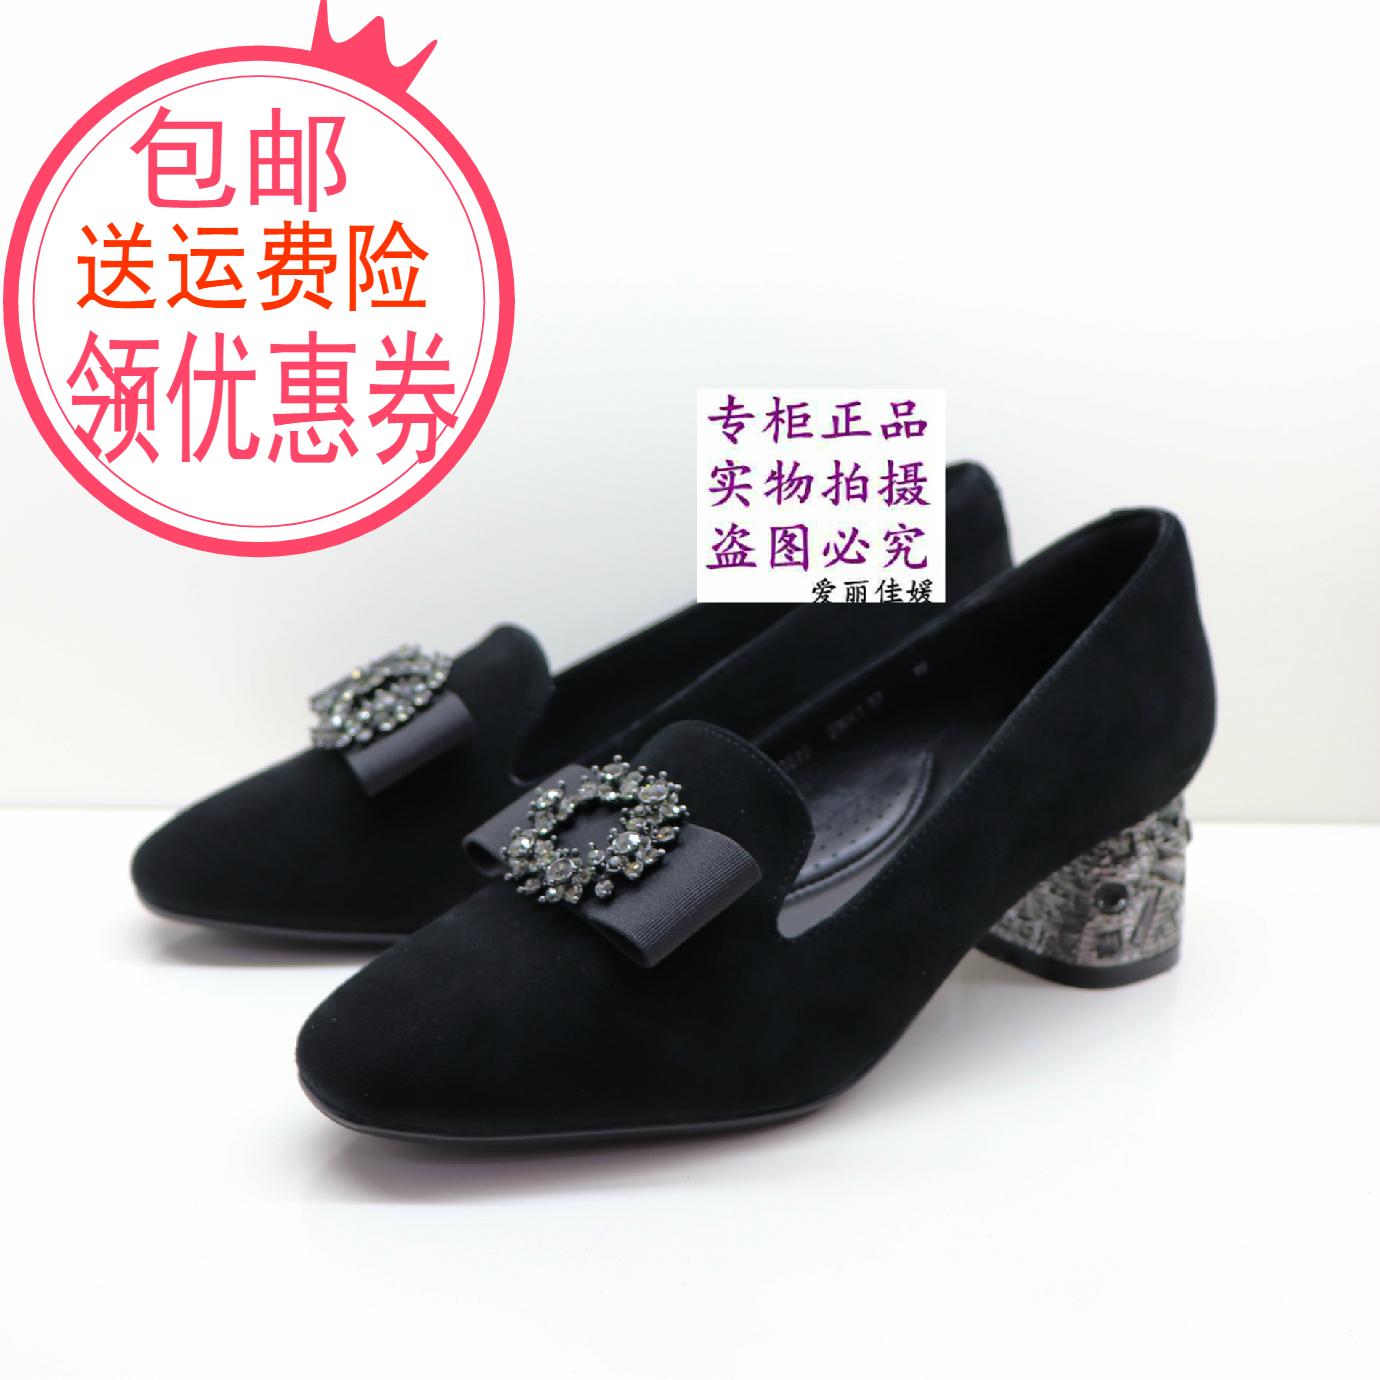 专柜正品卡迪娜2019新款女鞋kl91529粗跟方头水钻秋鞋 中口单鞋